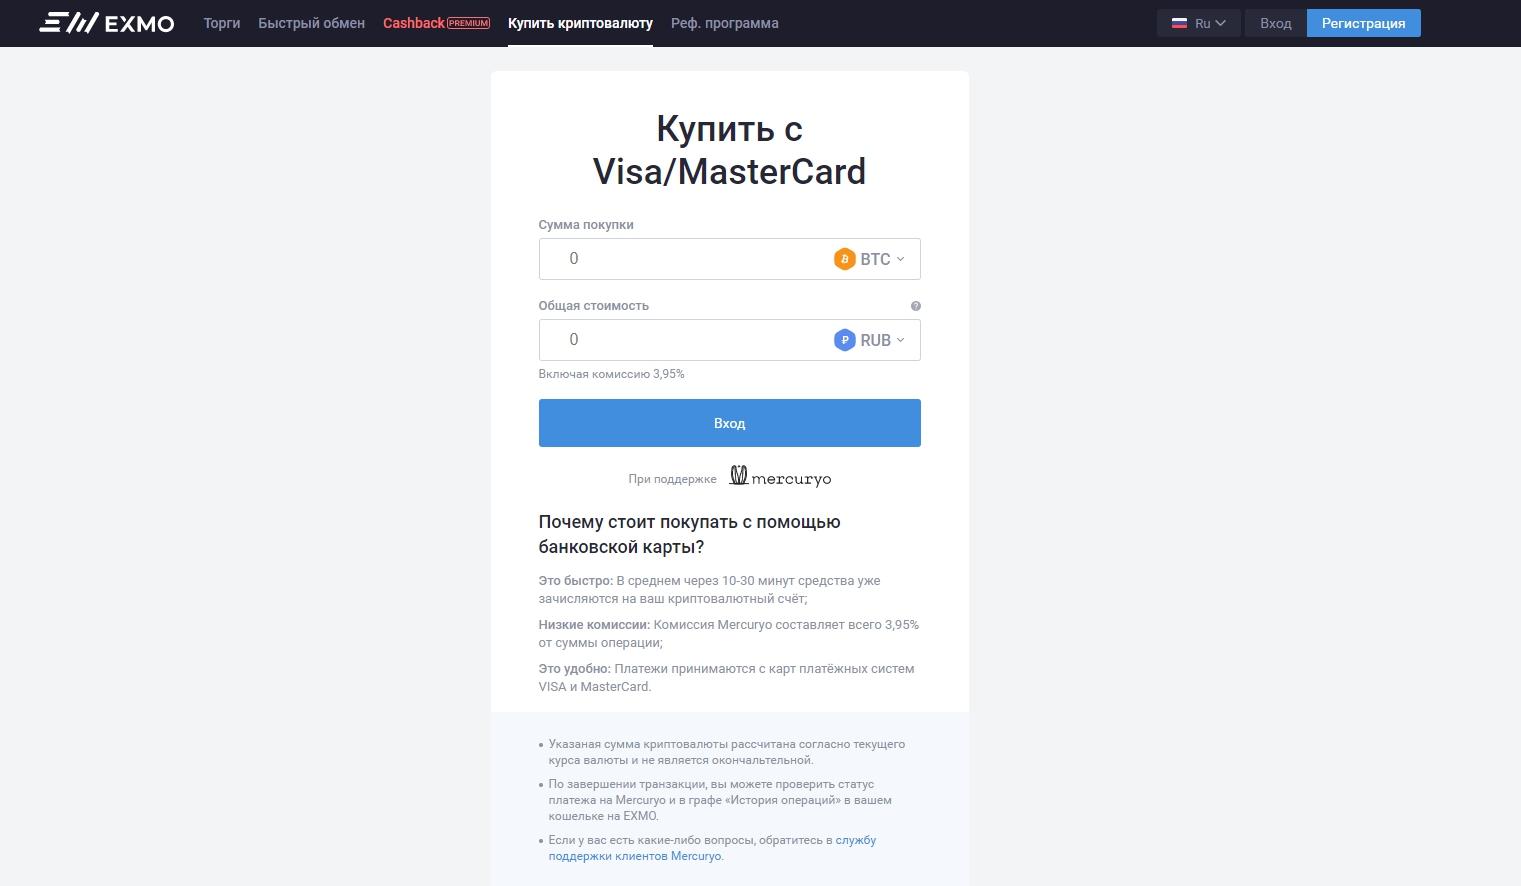 Купить-криптовалюту-Visa